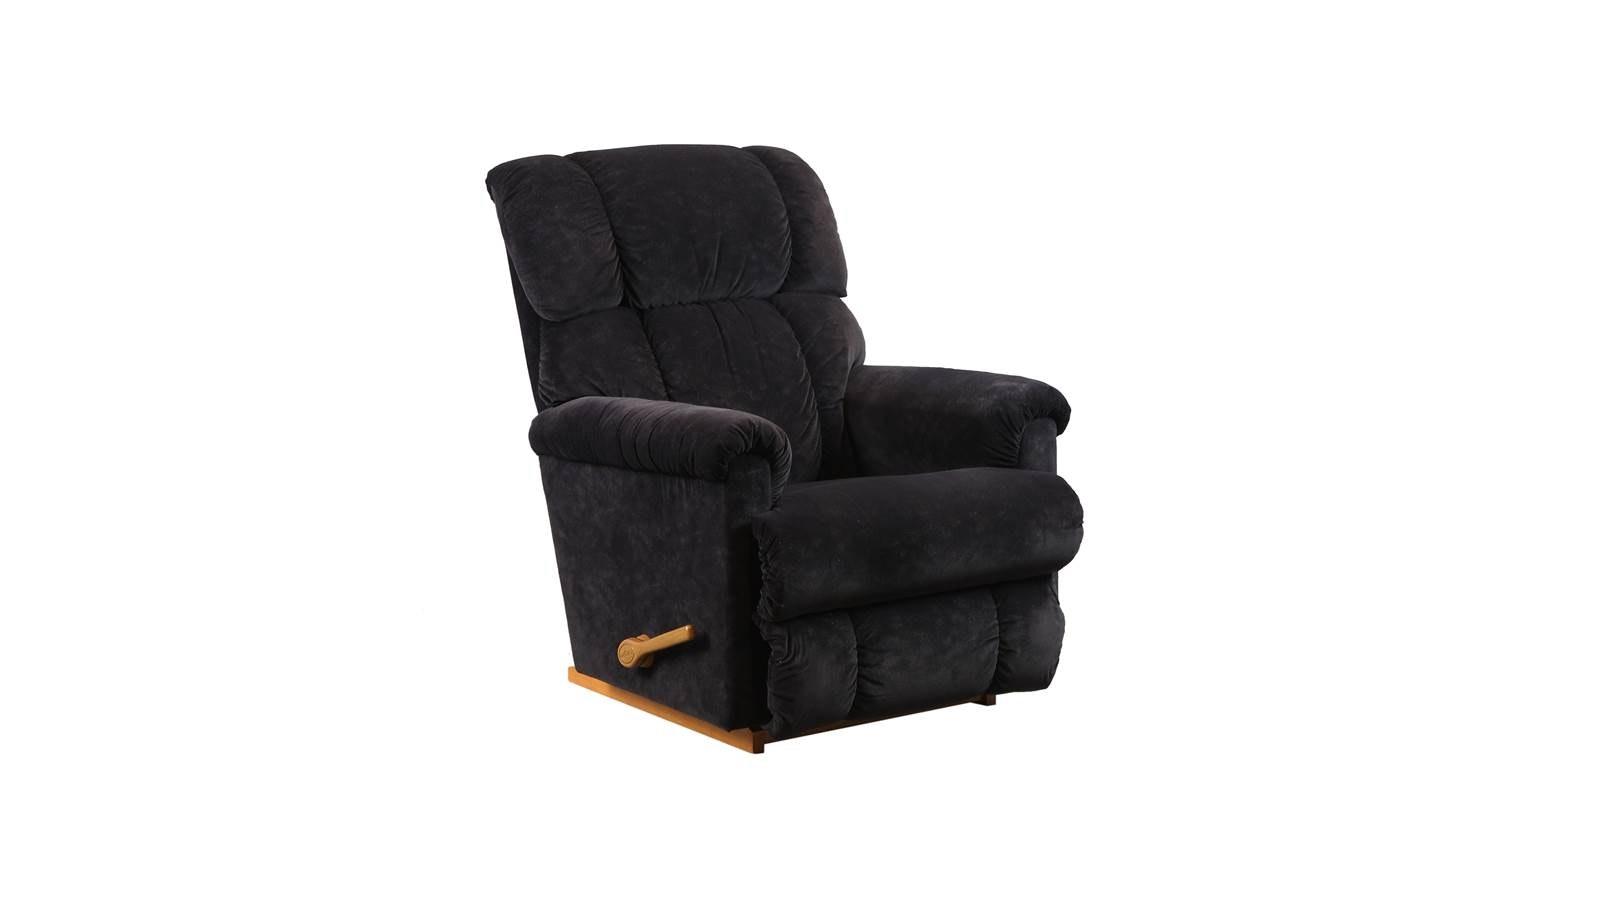 La-Z-Boy Pinnacle Reclina-Rocker Recliner Chair  sc 1 st  Harvey Norman Malaysia & La-Z-Boy Pinnacle Reclina-Rocker Recliner Chair | Harvey Norman ... islam-shia.org